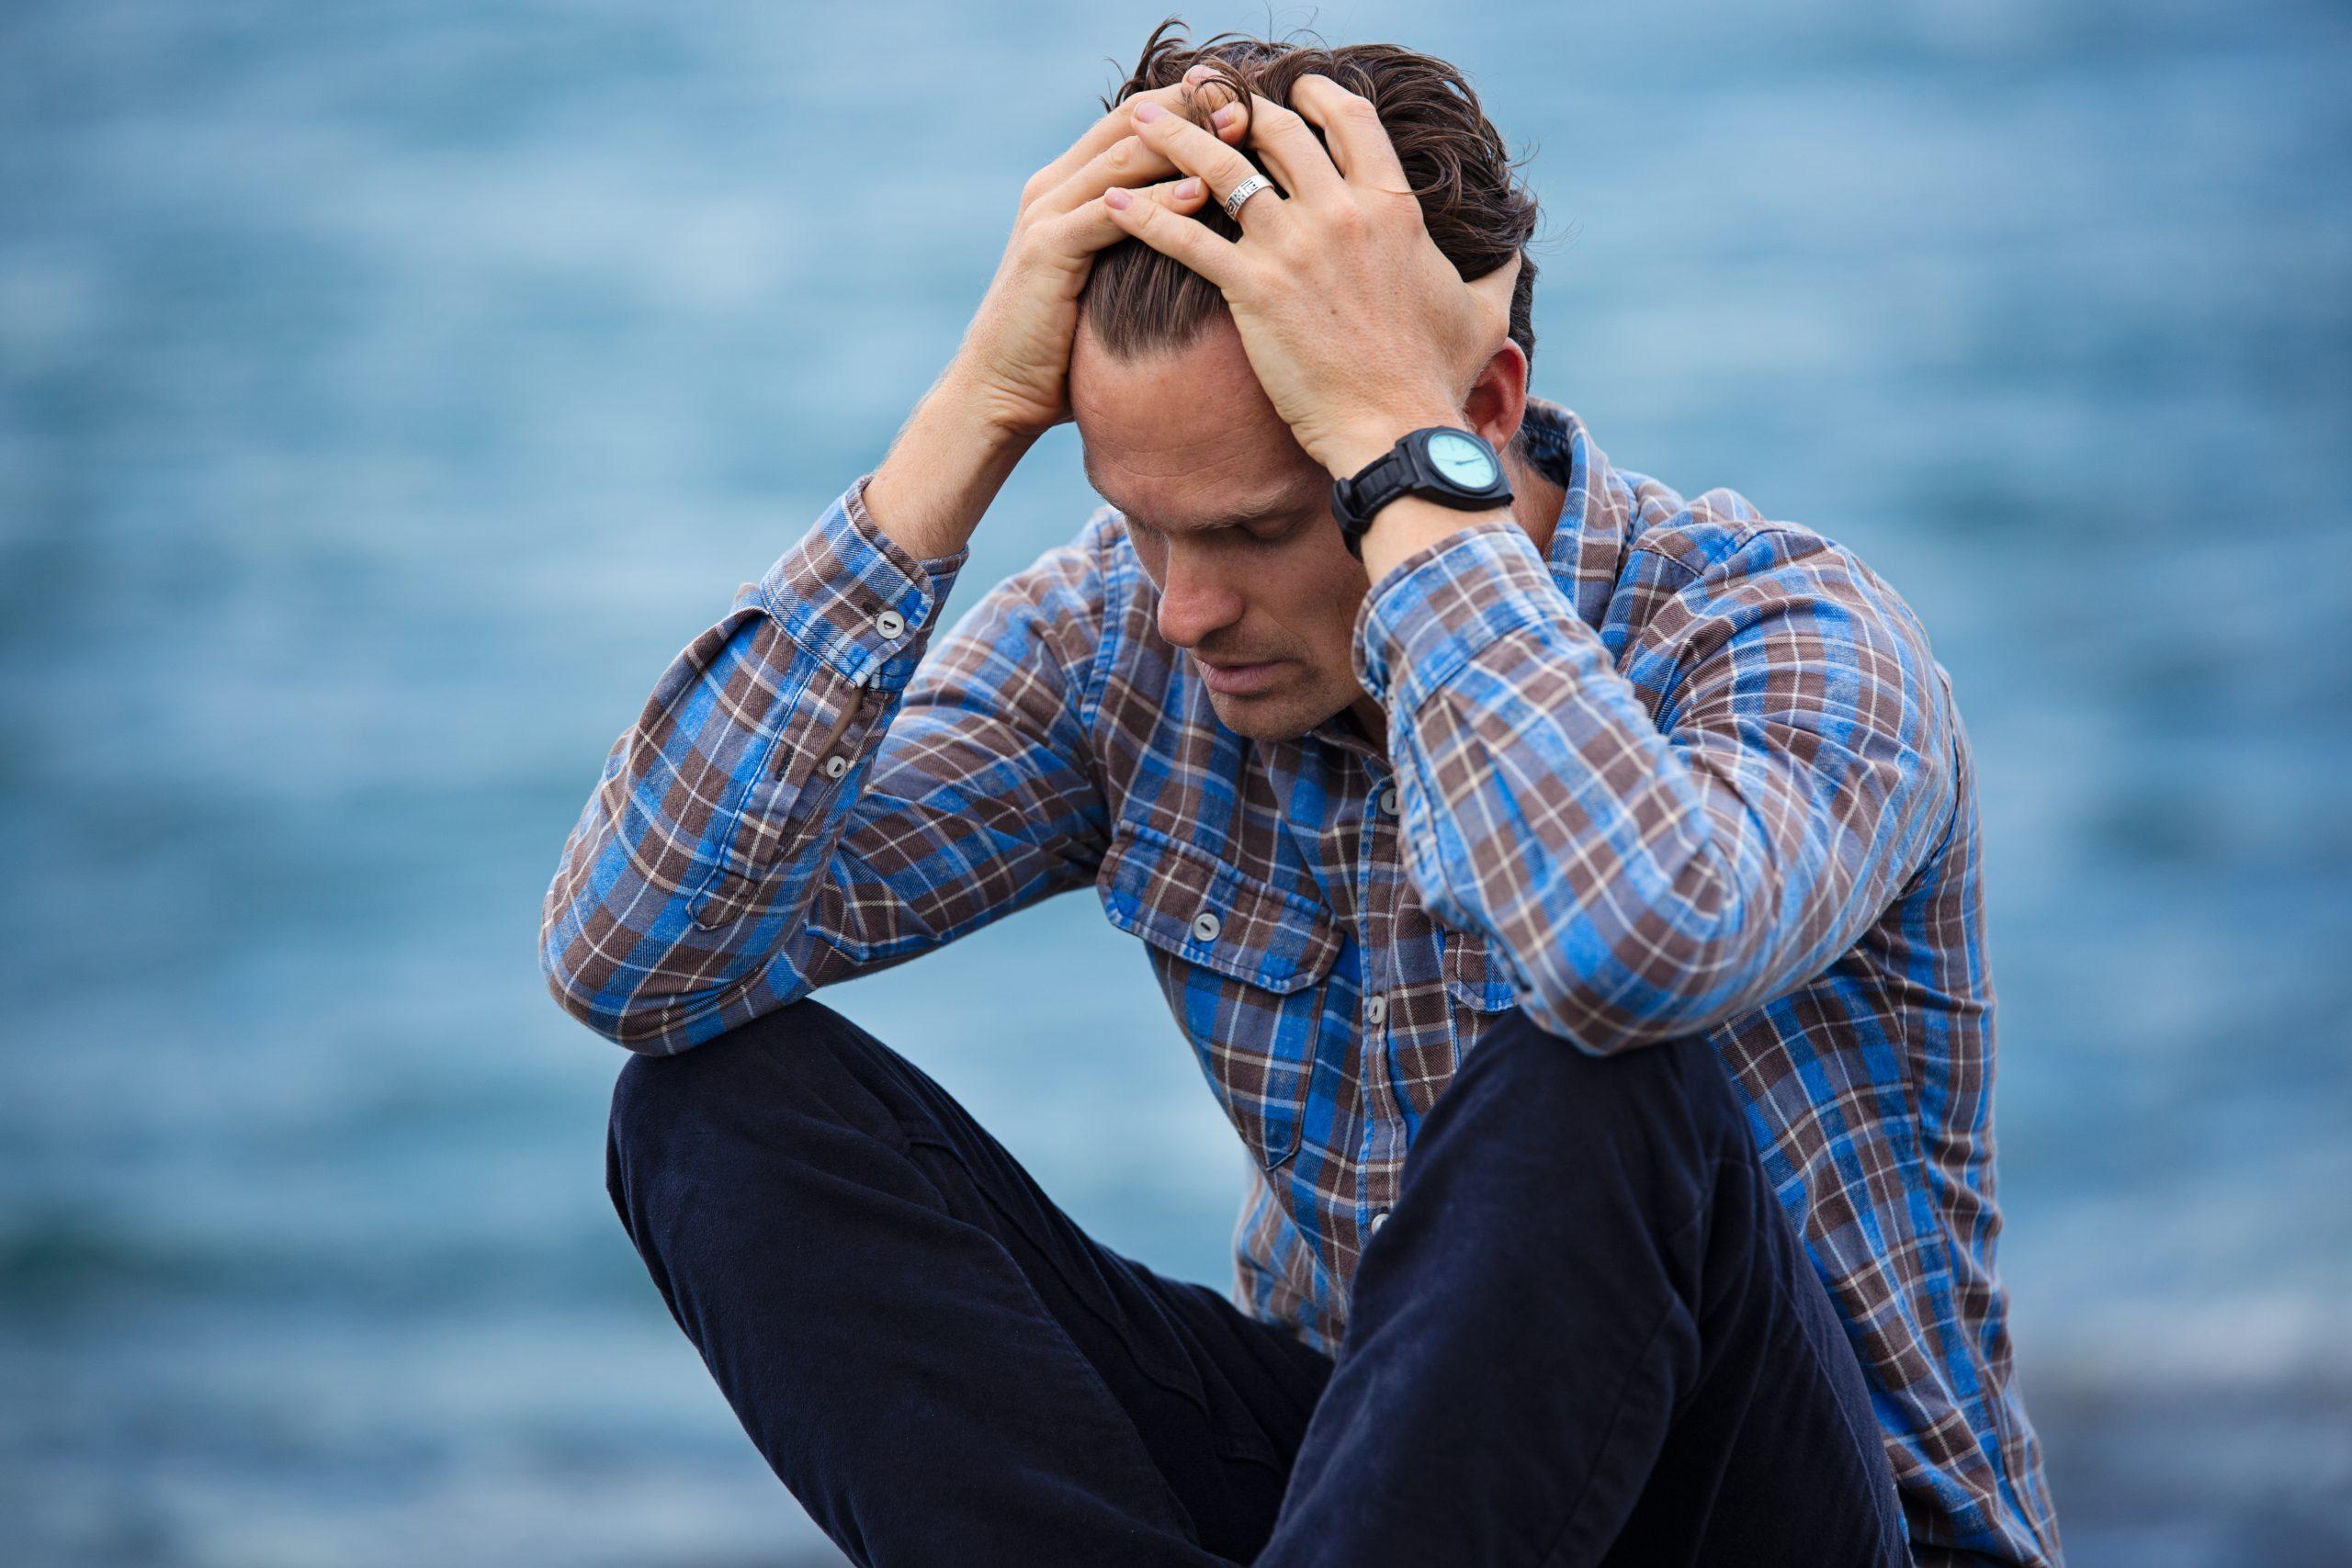 entrepreneur-stress-startup